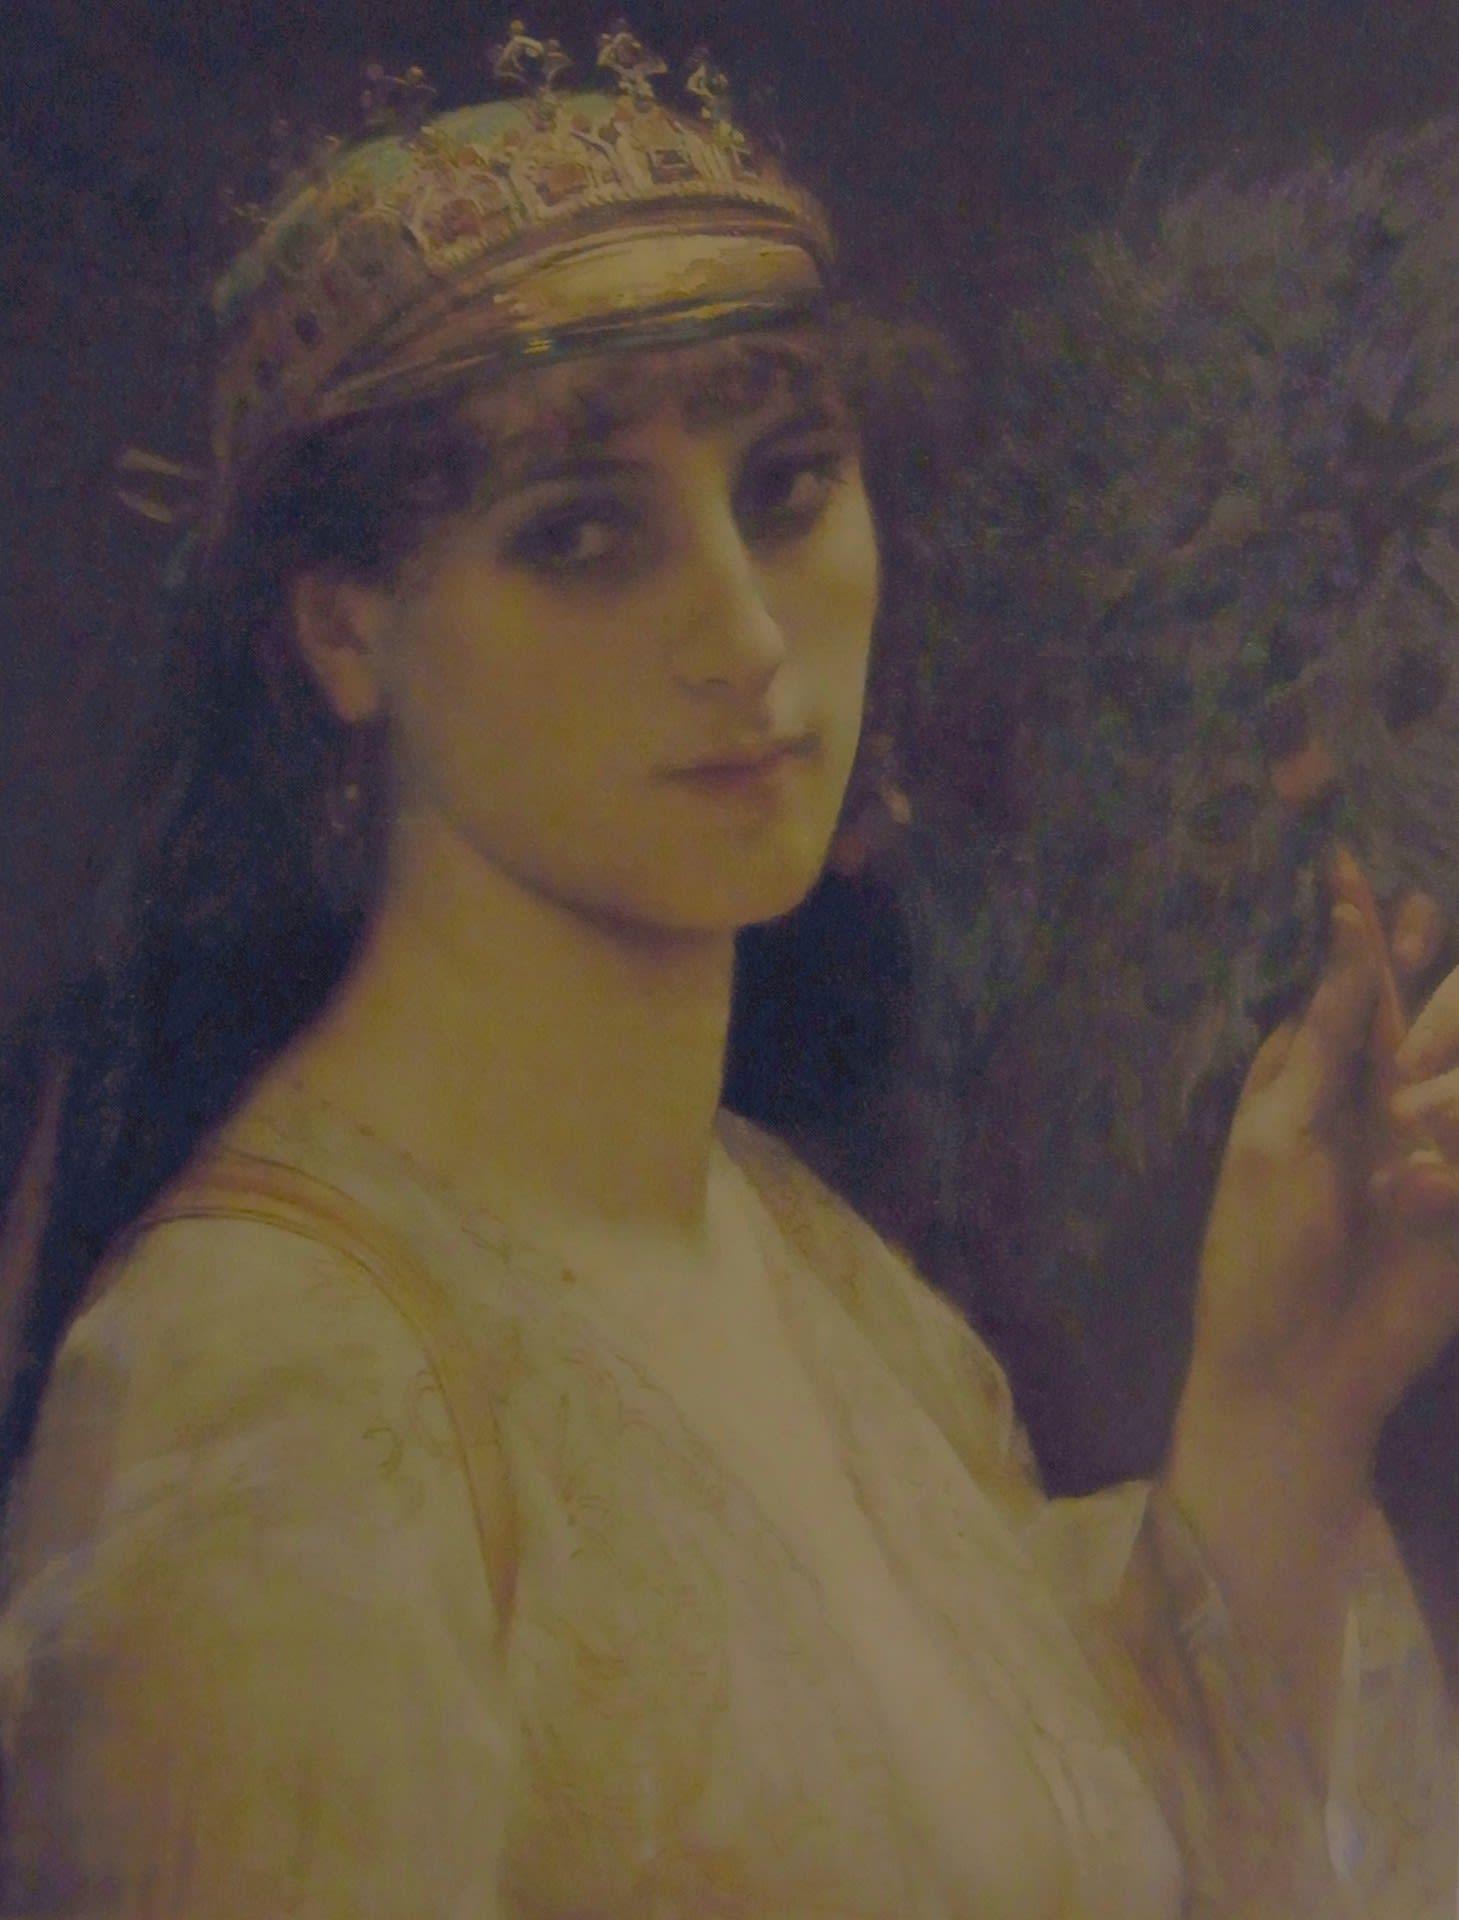 アレクサンドル・カバネルの画像 p1_36